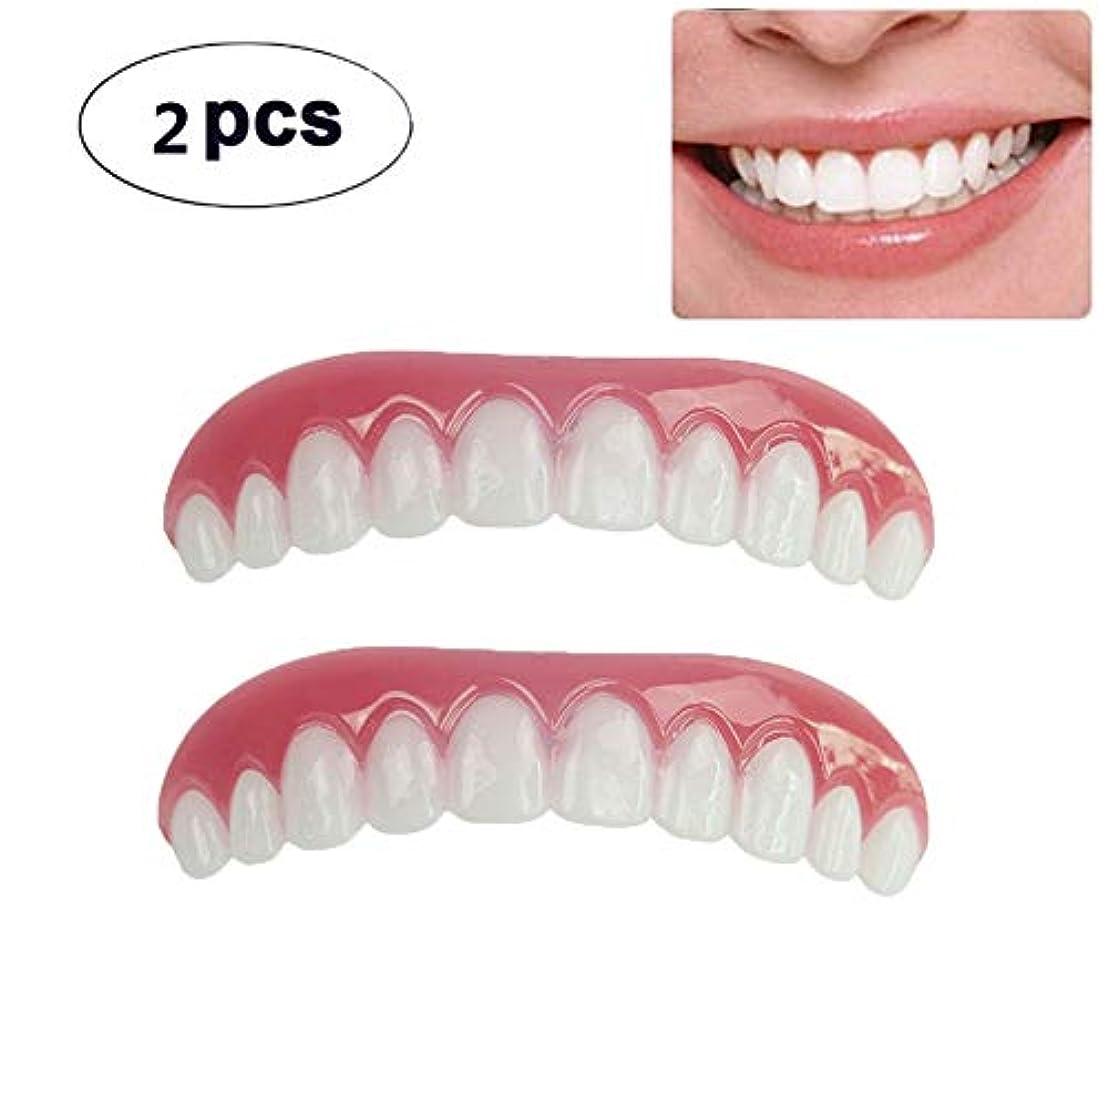 滴下赤道高音2枚の歯科用化粧板が歯の化粧化粧板の上部にぴったり合うサイズがすべての義歯の接着剤の歯に似ています偽の歯の笑顔